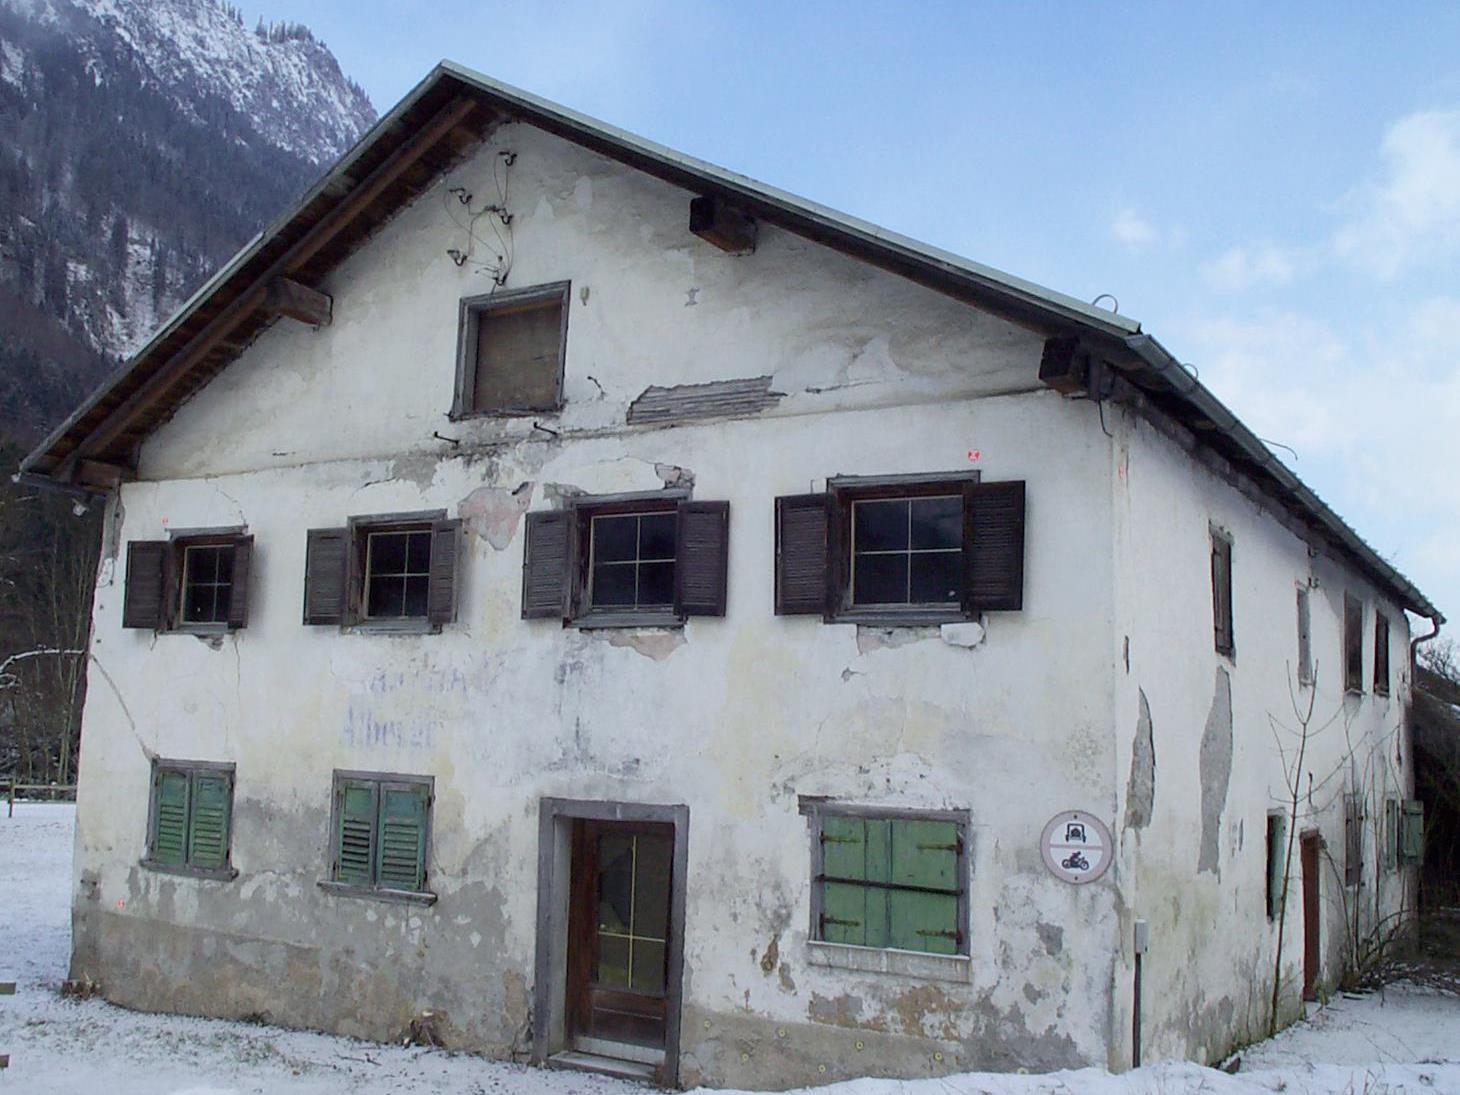 Weil er das historische Haid-Haus in Innerbraz ohne Genehmigung abreißen ließ, steht ein Niederländer in Feldkirch vor Gericht.